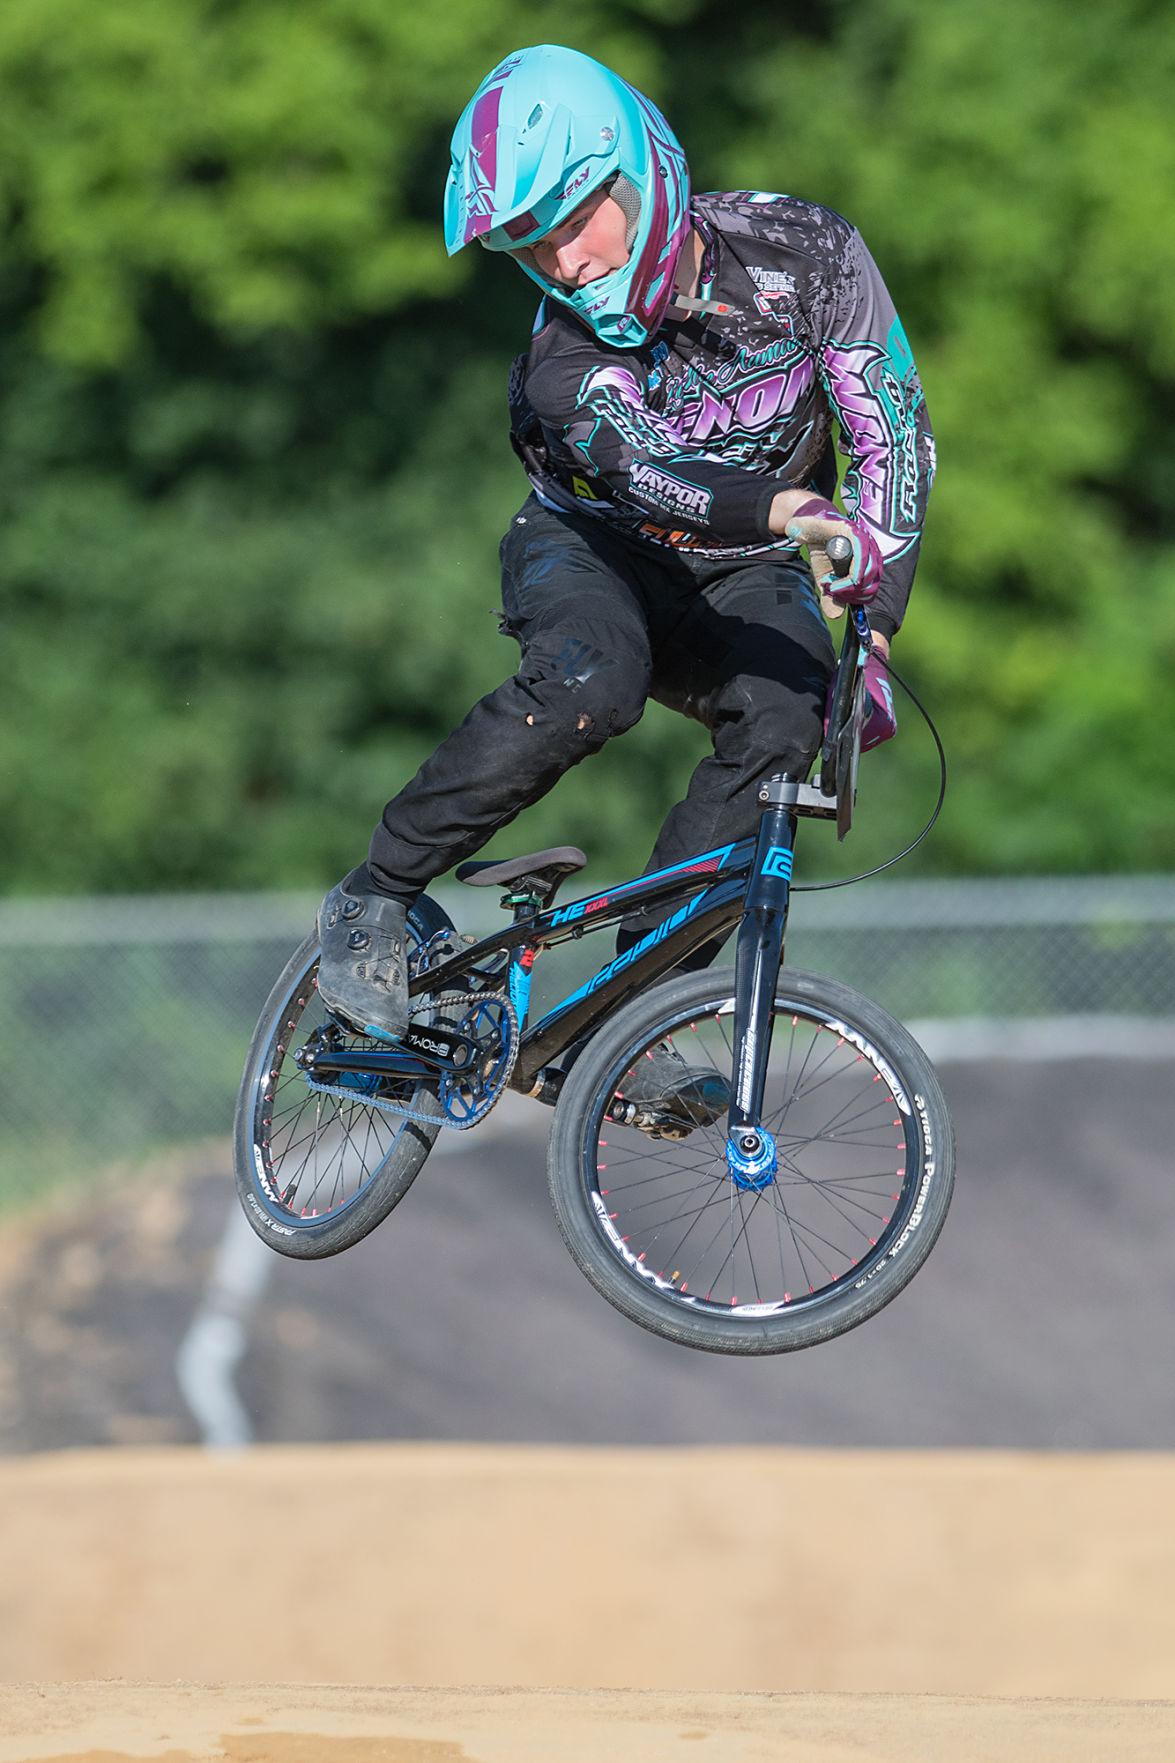 BMX Biking Main